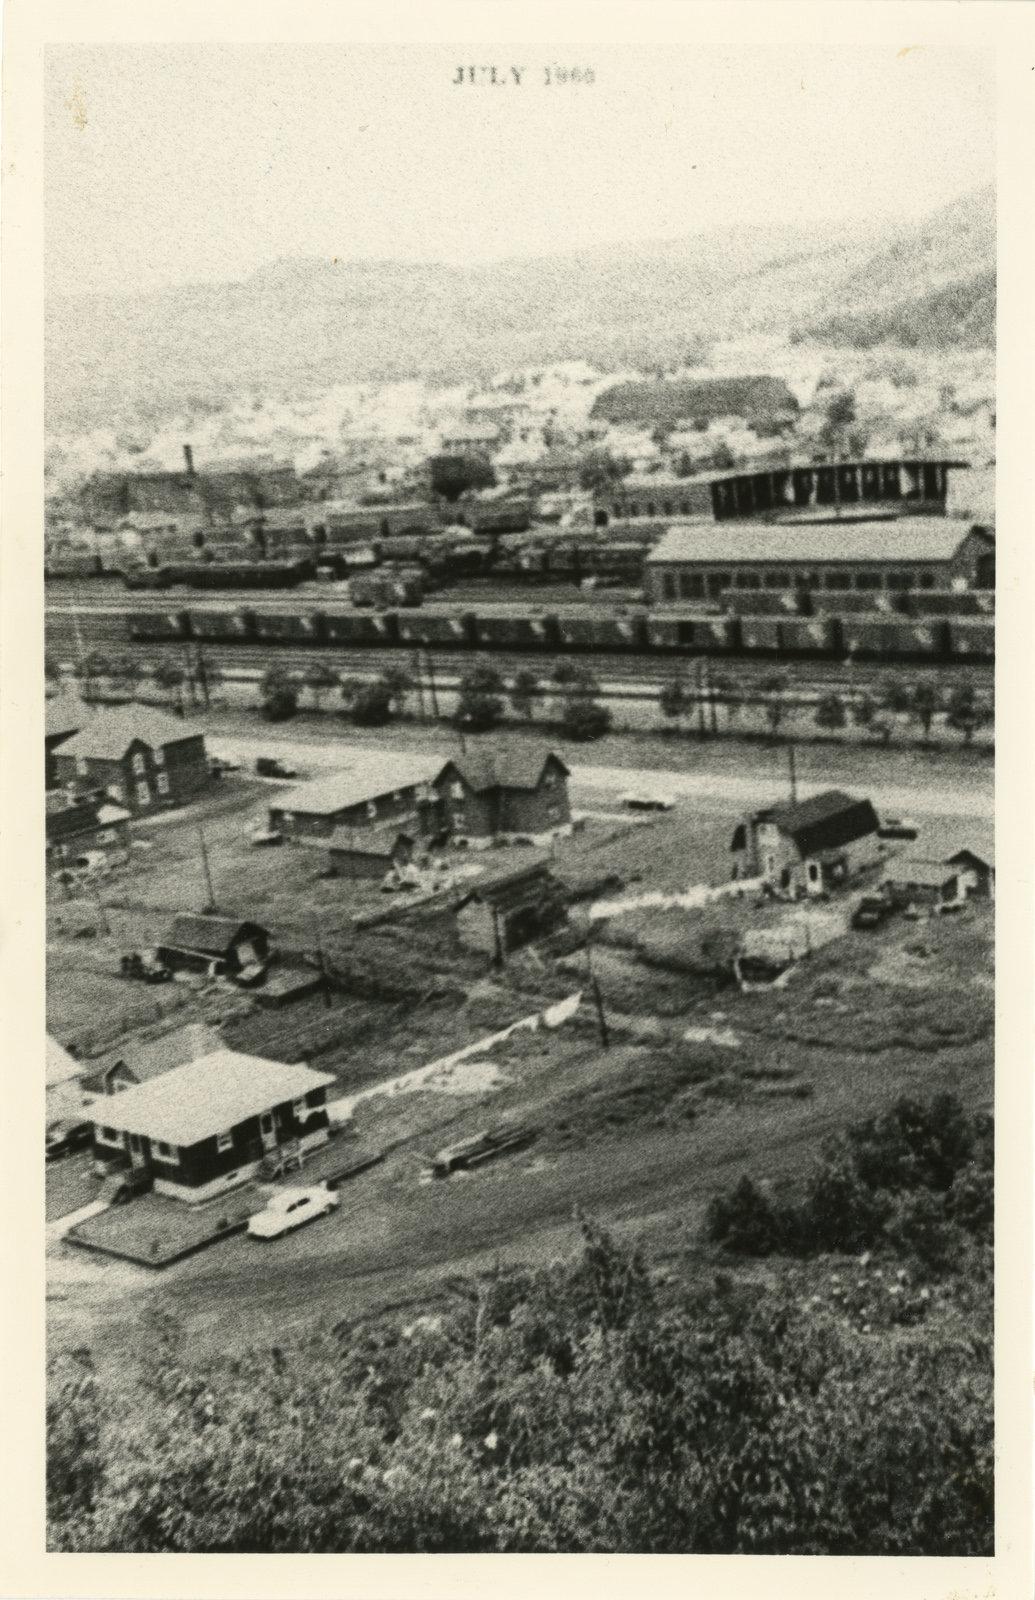 View of Schreiber